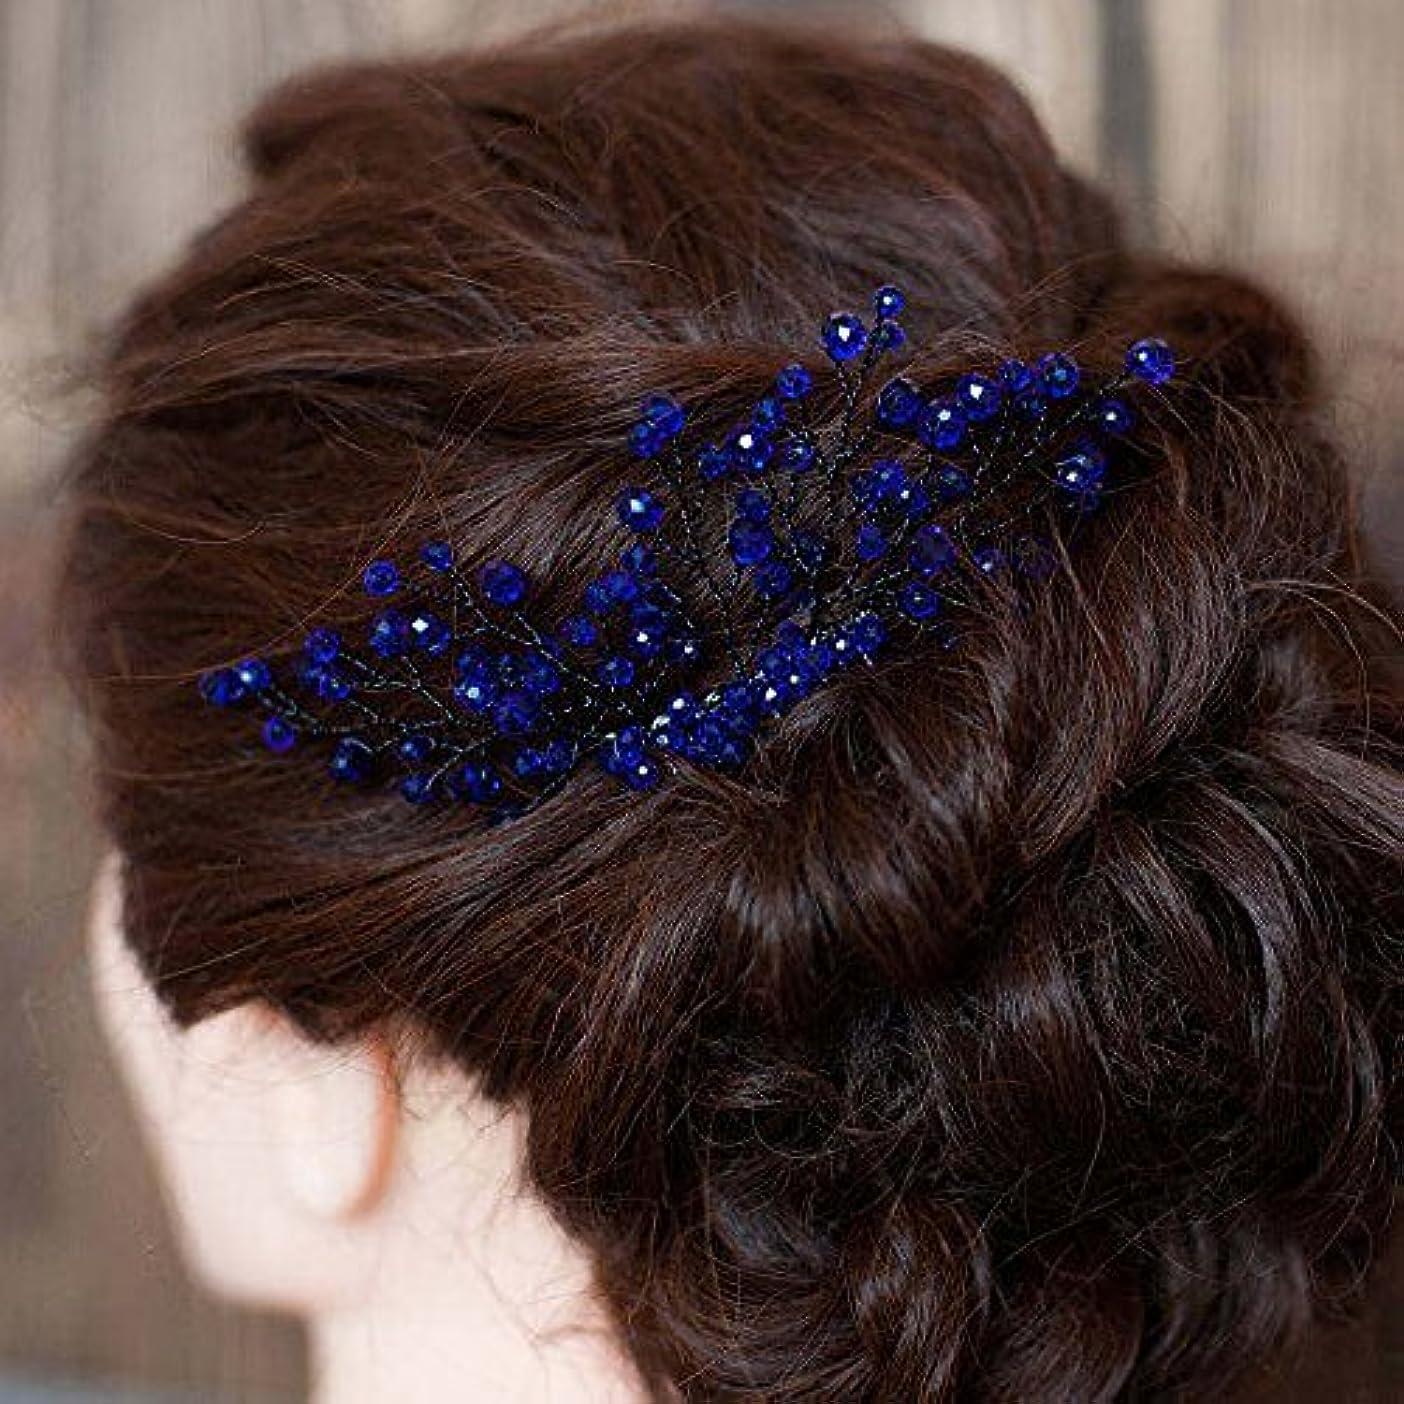 ハントミンチメドレーFXmimior Bridal Women Navy Blue Vintage Crystal Rhinestone Vintage Hair Comb Wedding Party Hair Accessories [並行輸入品]